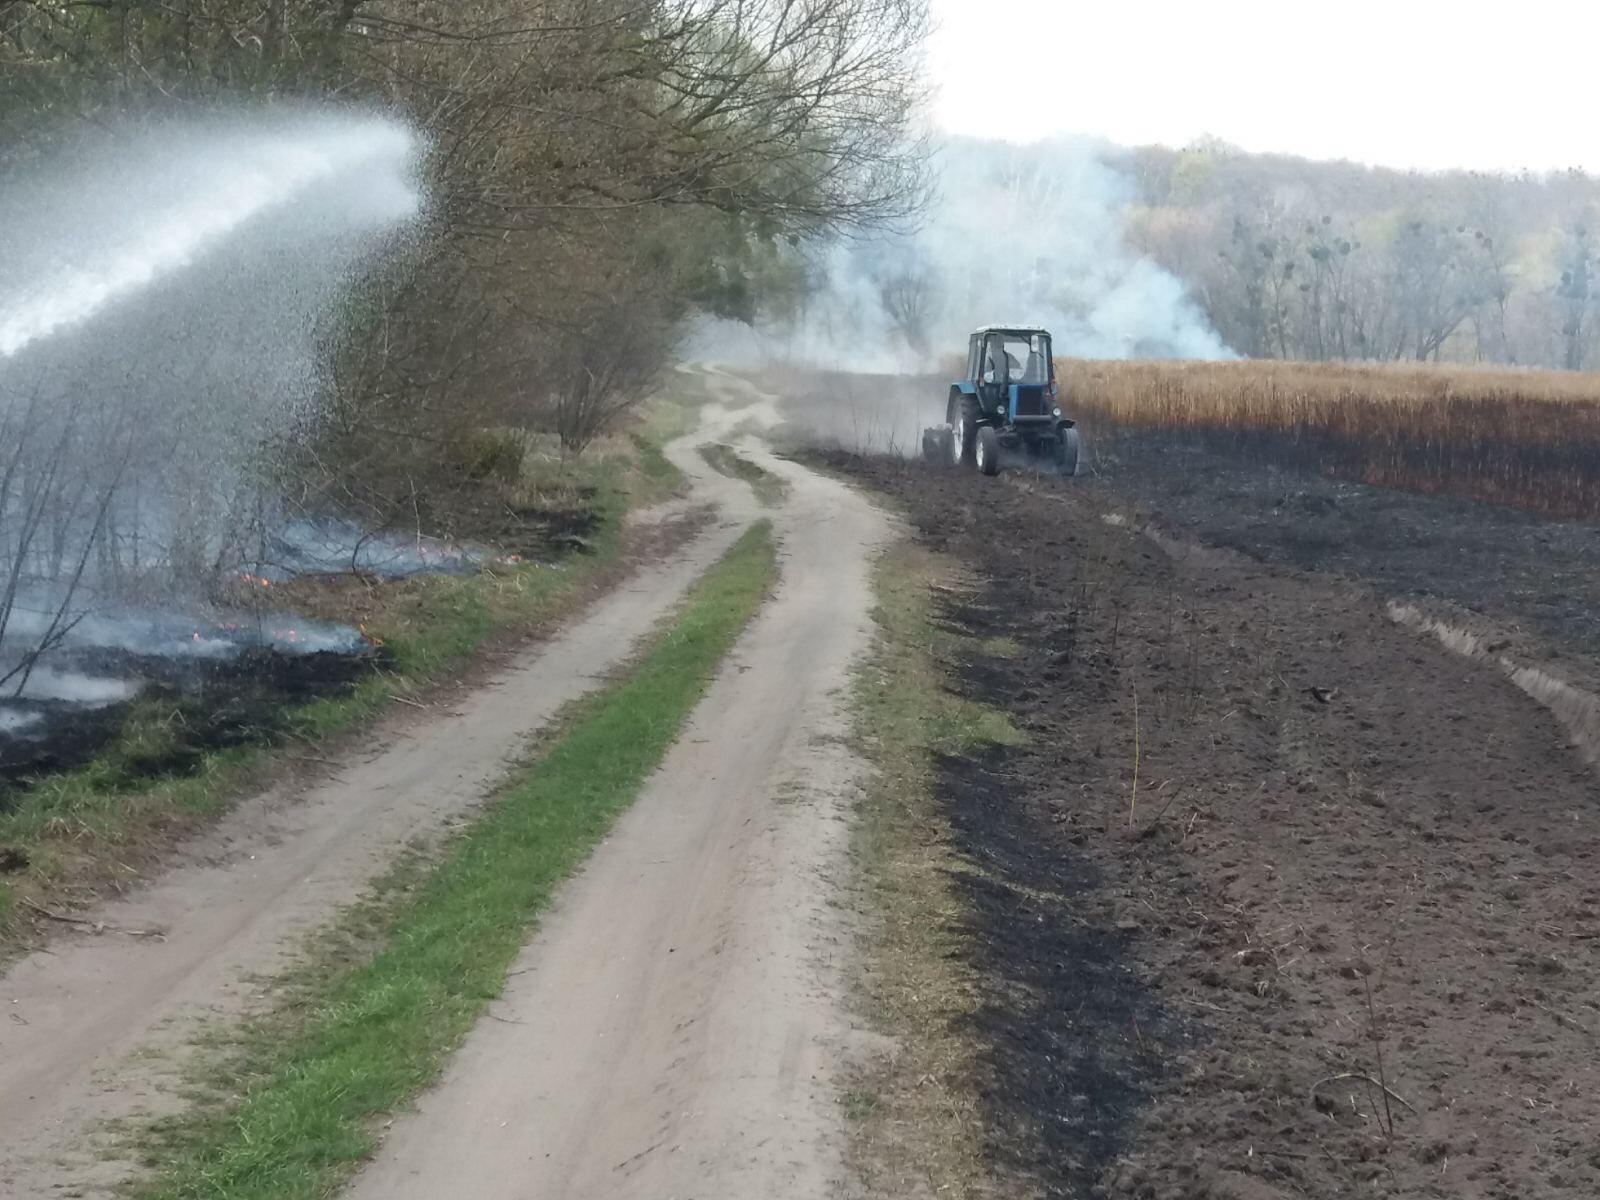 На Білоцерківщині сталось кілька загорань сухої трави та очерету - пожежі в екосистемах, Білоцерківщина - IMG 6962